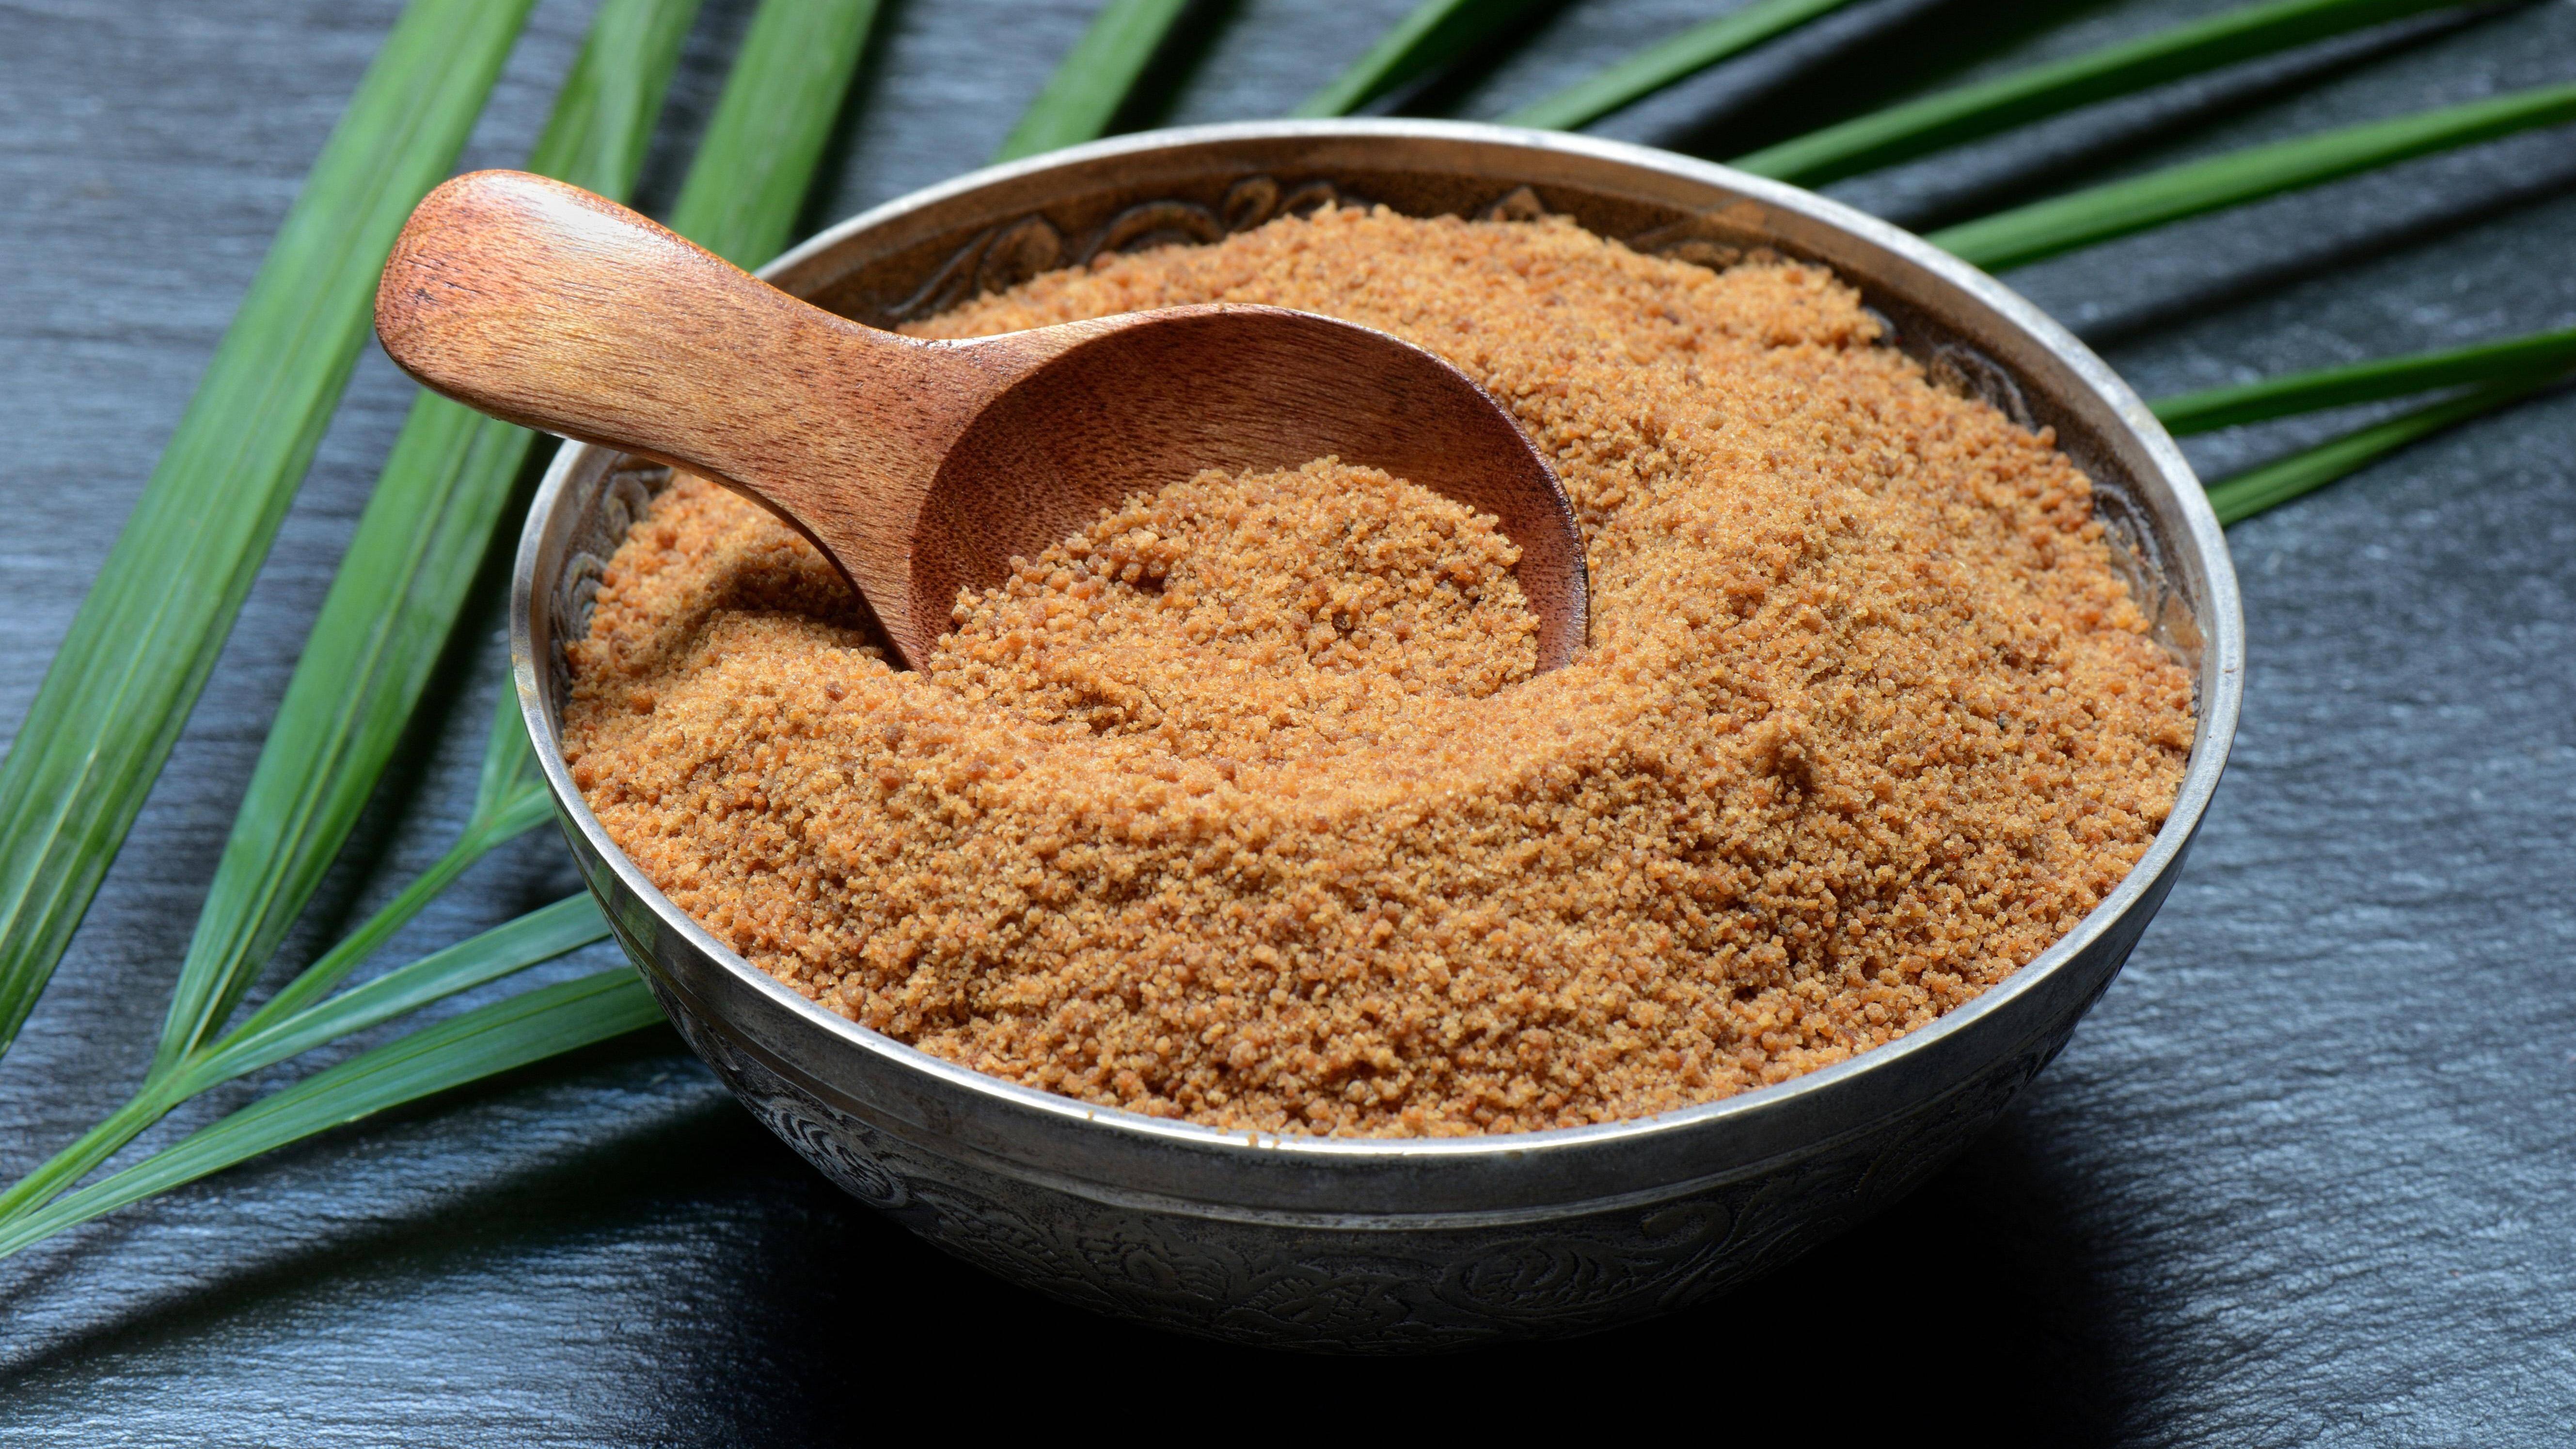 Kokosblütenzucker: So gesund ist der Zuckerersatz